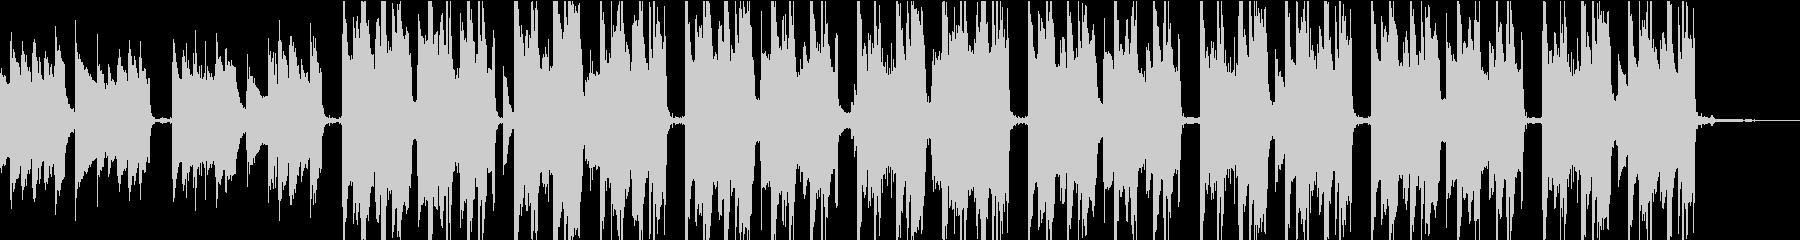 Lo-FiでおしゃれなゆったりしたBGMの未再生の波形